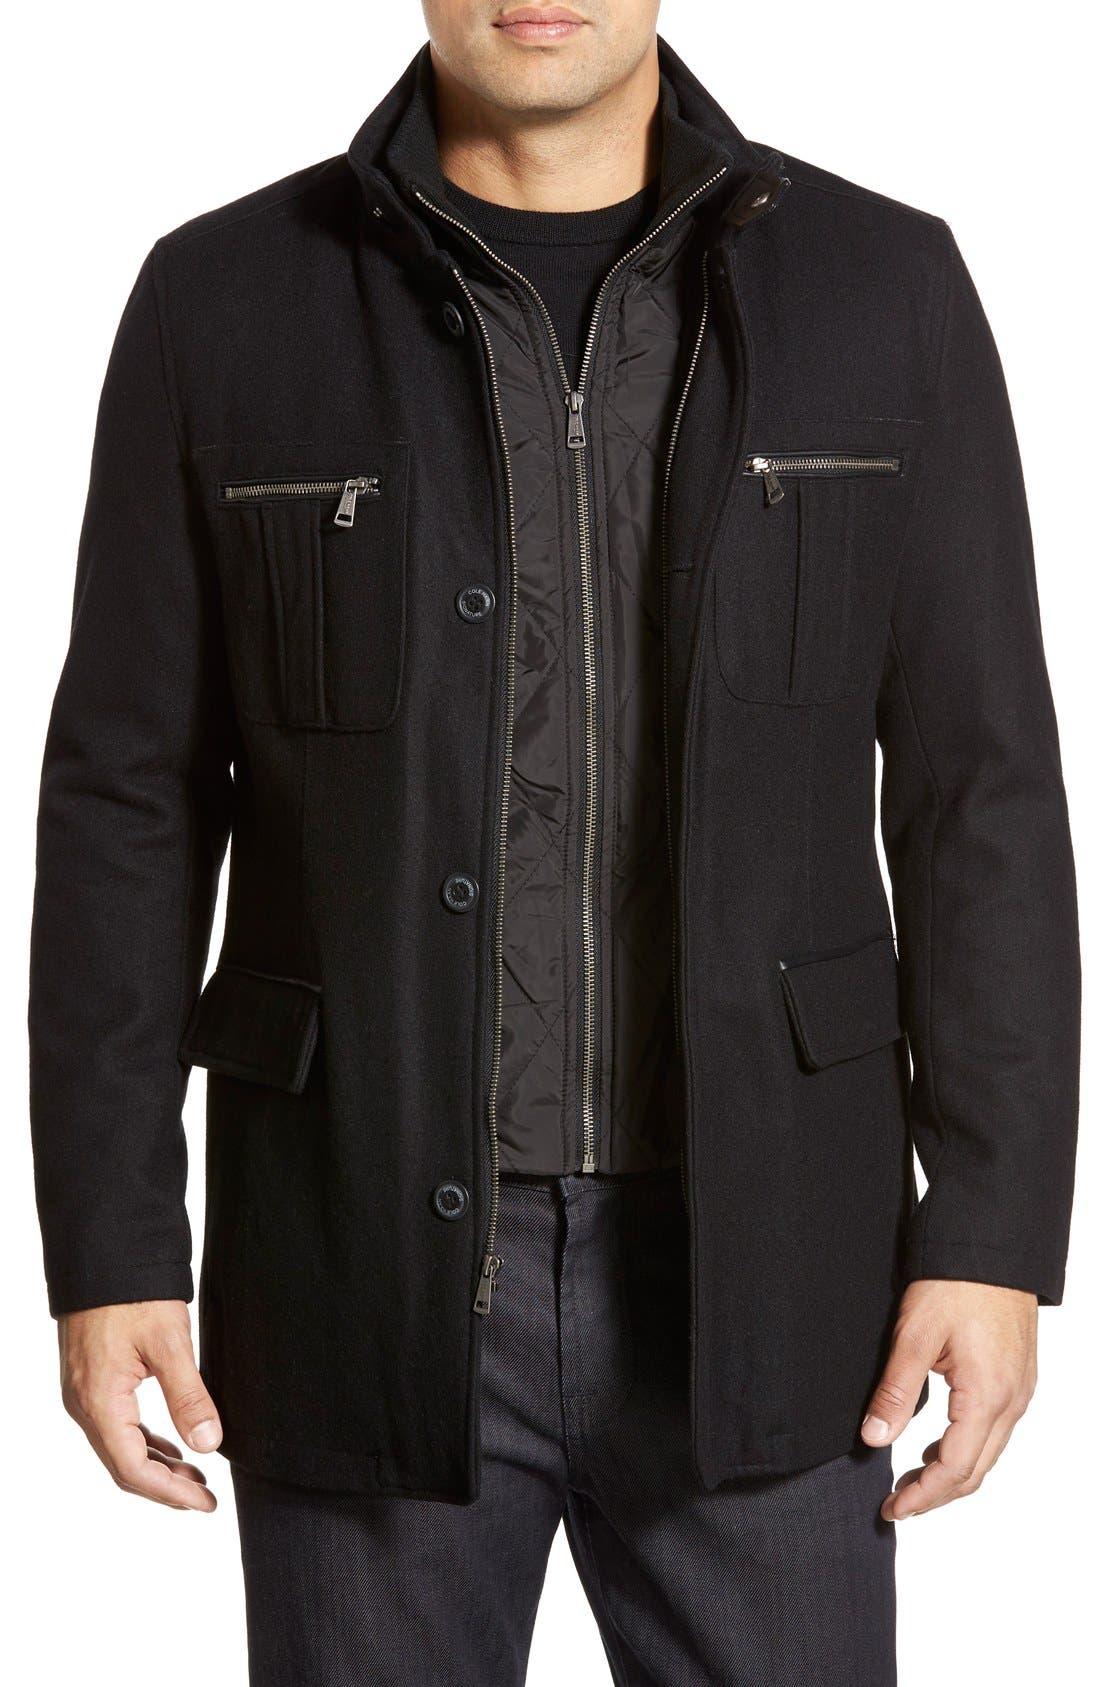 Wool Blend Jacket,                         Main,                         color, Black